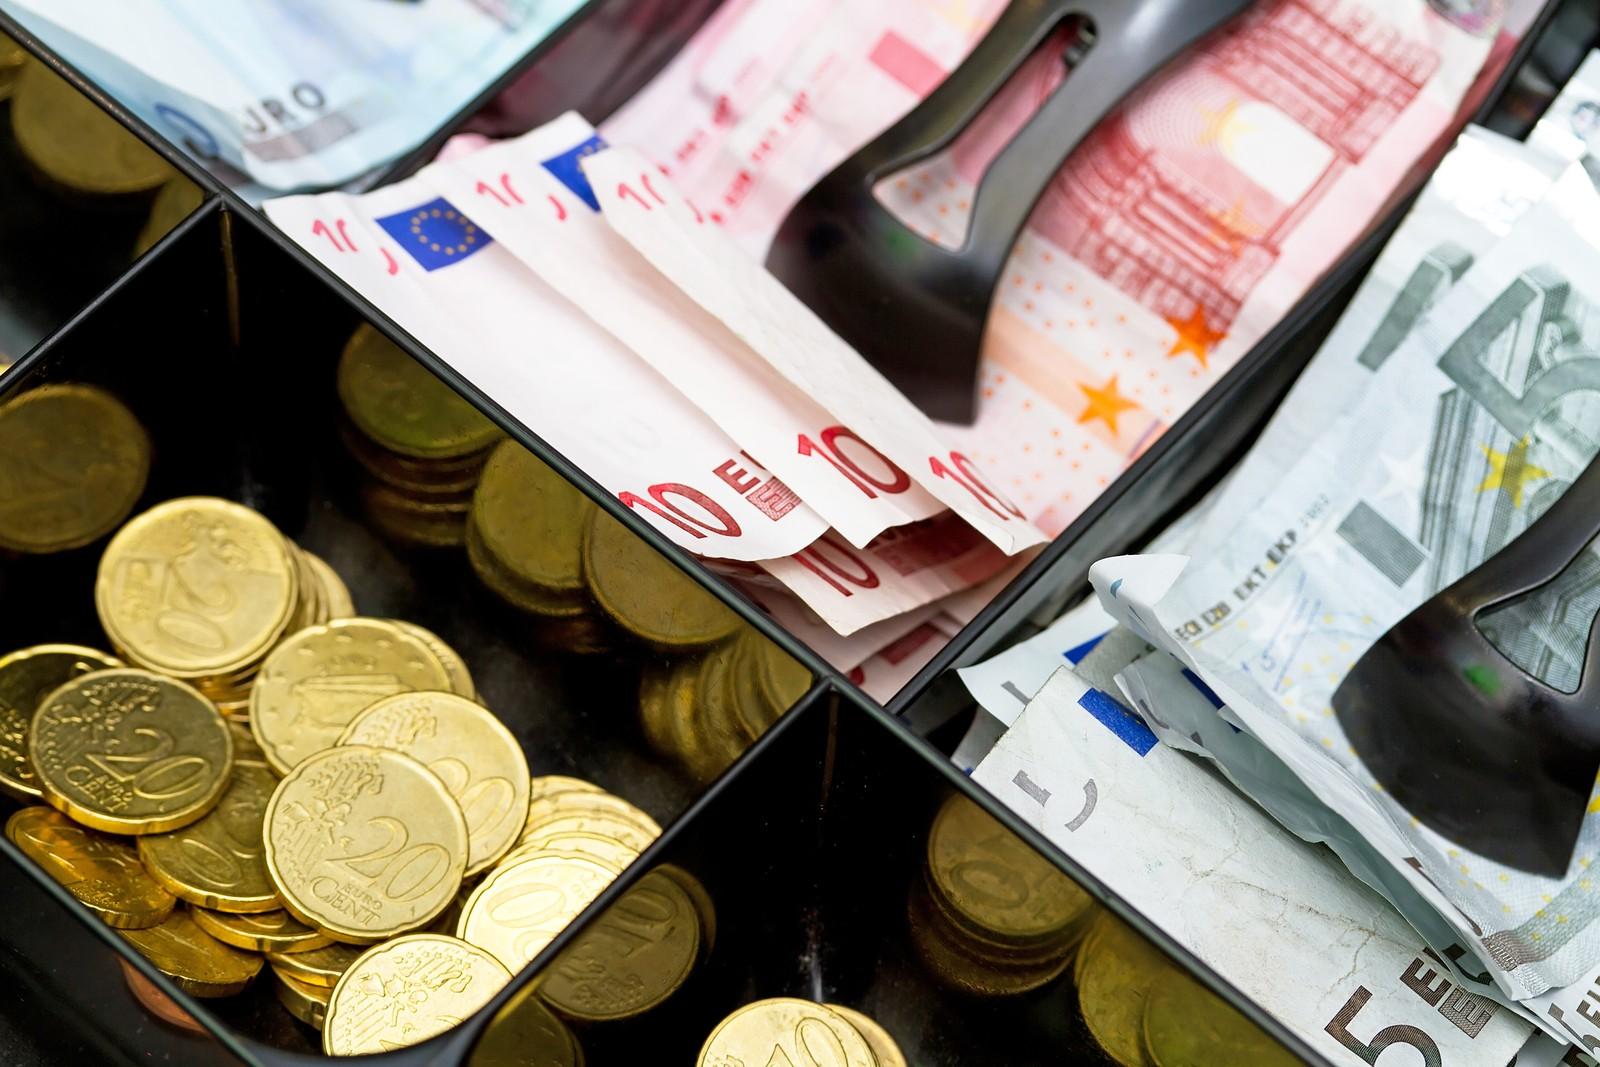 Die Verfahrensdokumentation wird vom Finanzamt als erstes geprüft.